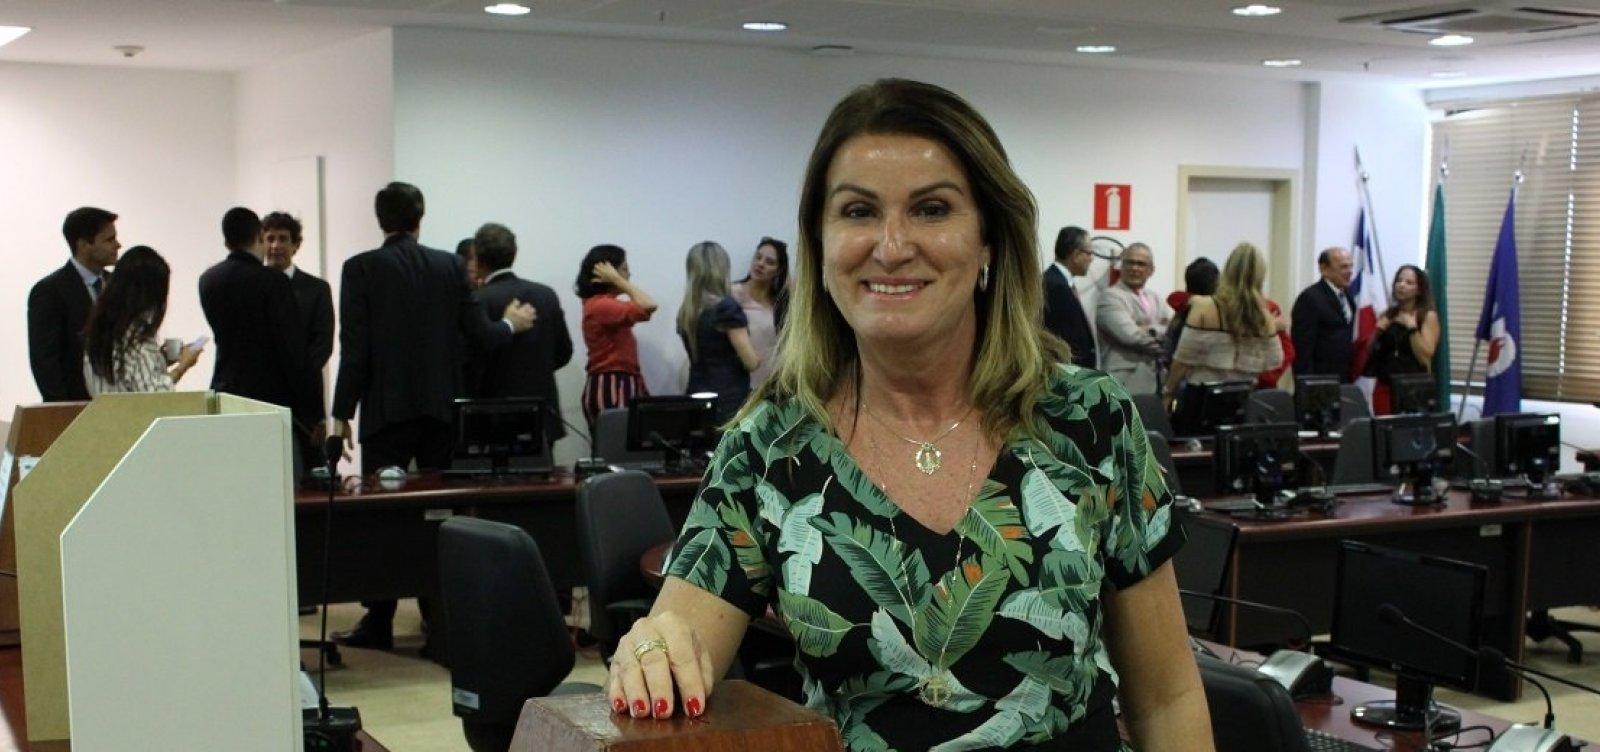 [Ediene Lousado é a mais votada em eleição para indicação ao CNMP]